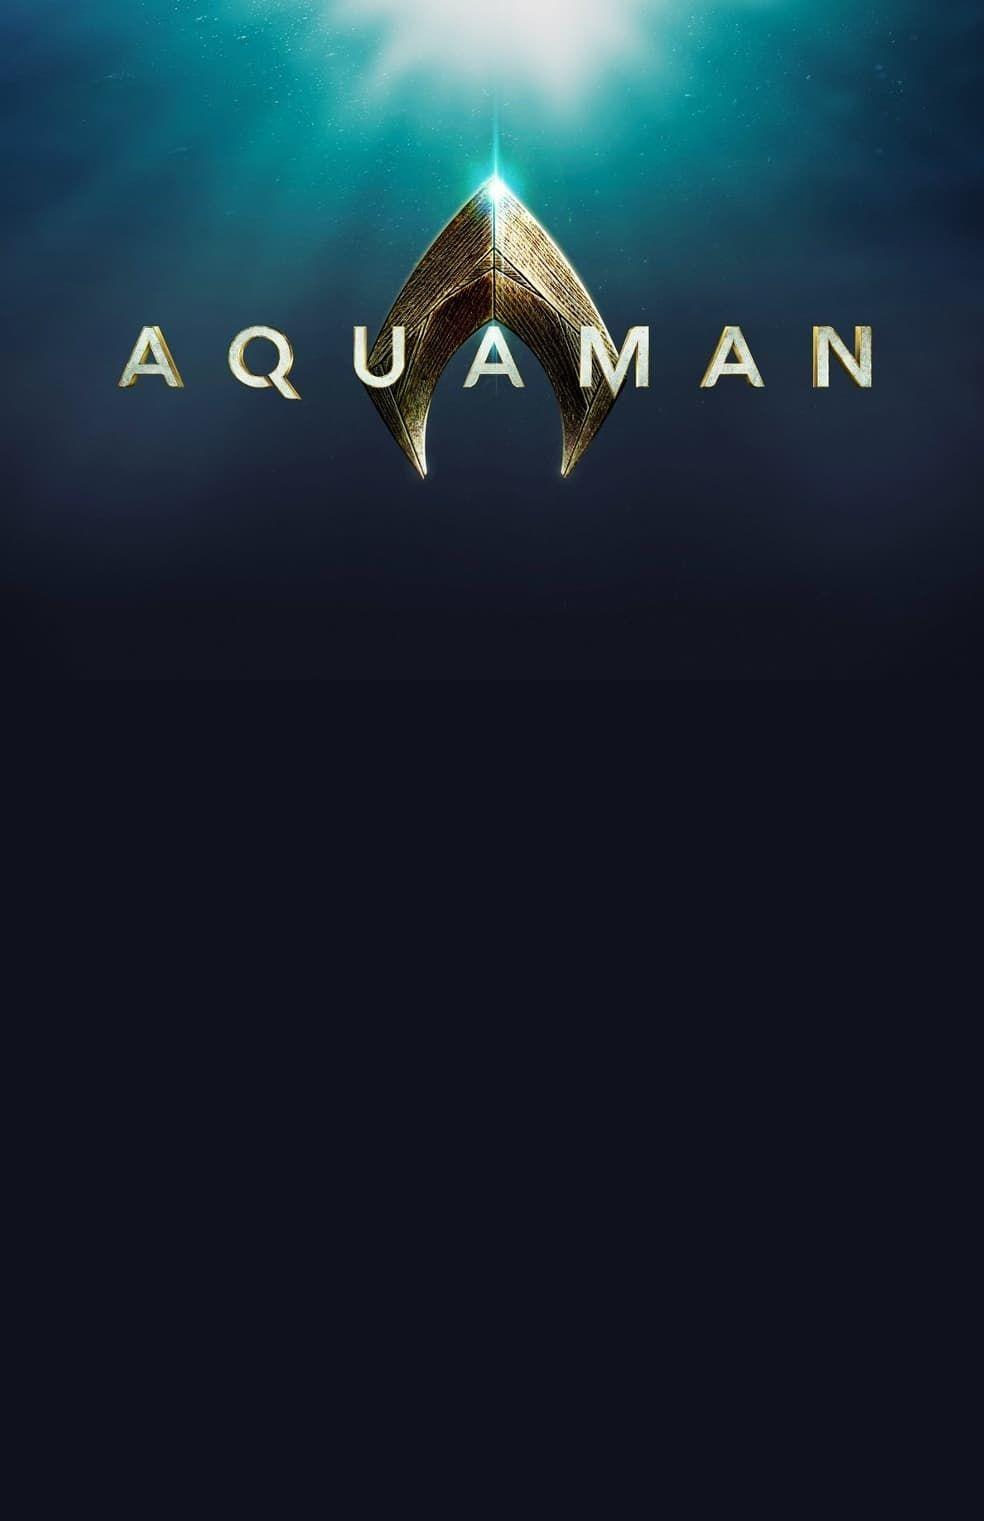 Aquaman Pelicula C O M P L E T A En Espanol Latino Online Ver Aquaman Pelicula Completa Latino 2018 Full Movies Streaming Movies Full Movies Online Free